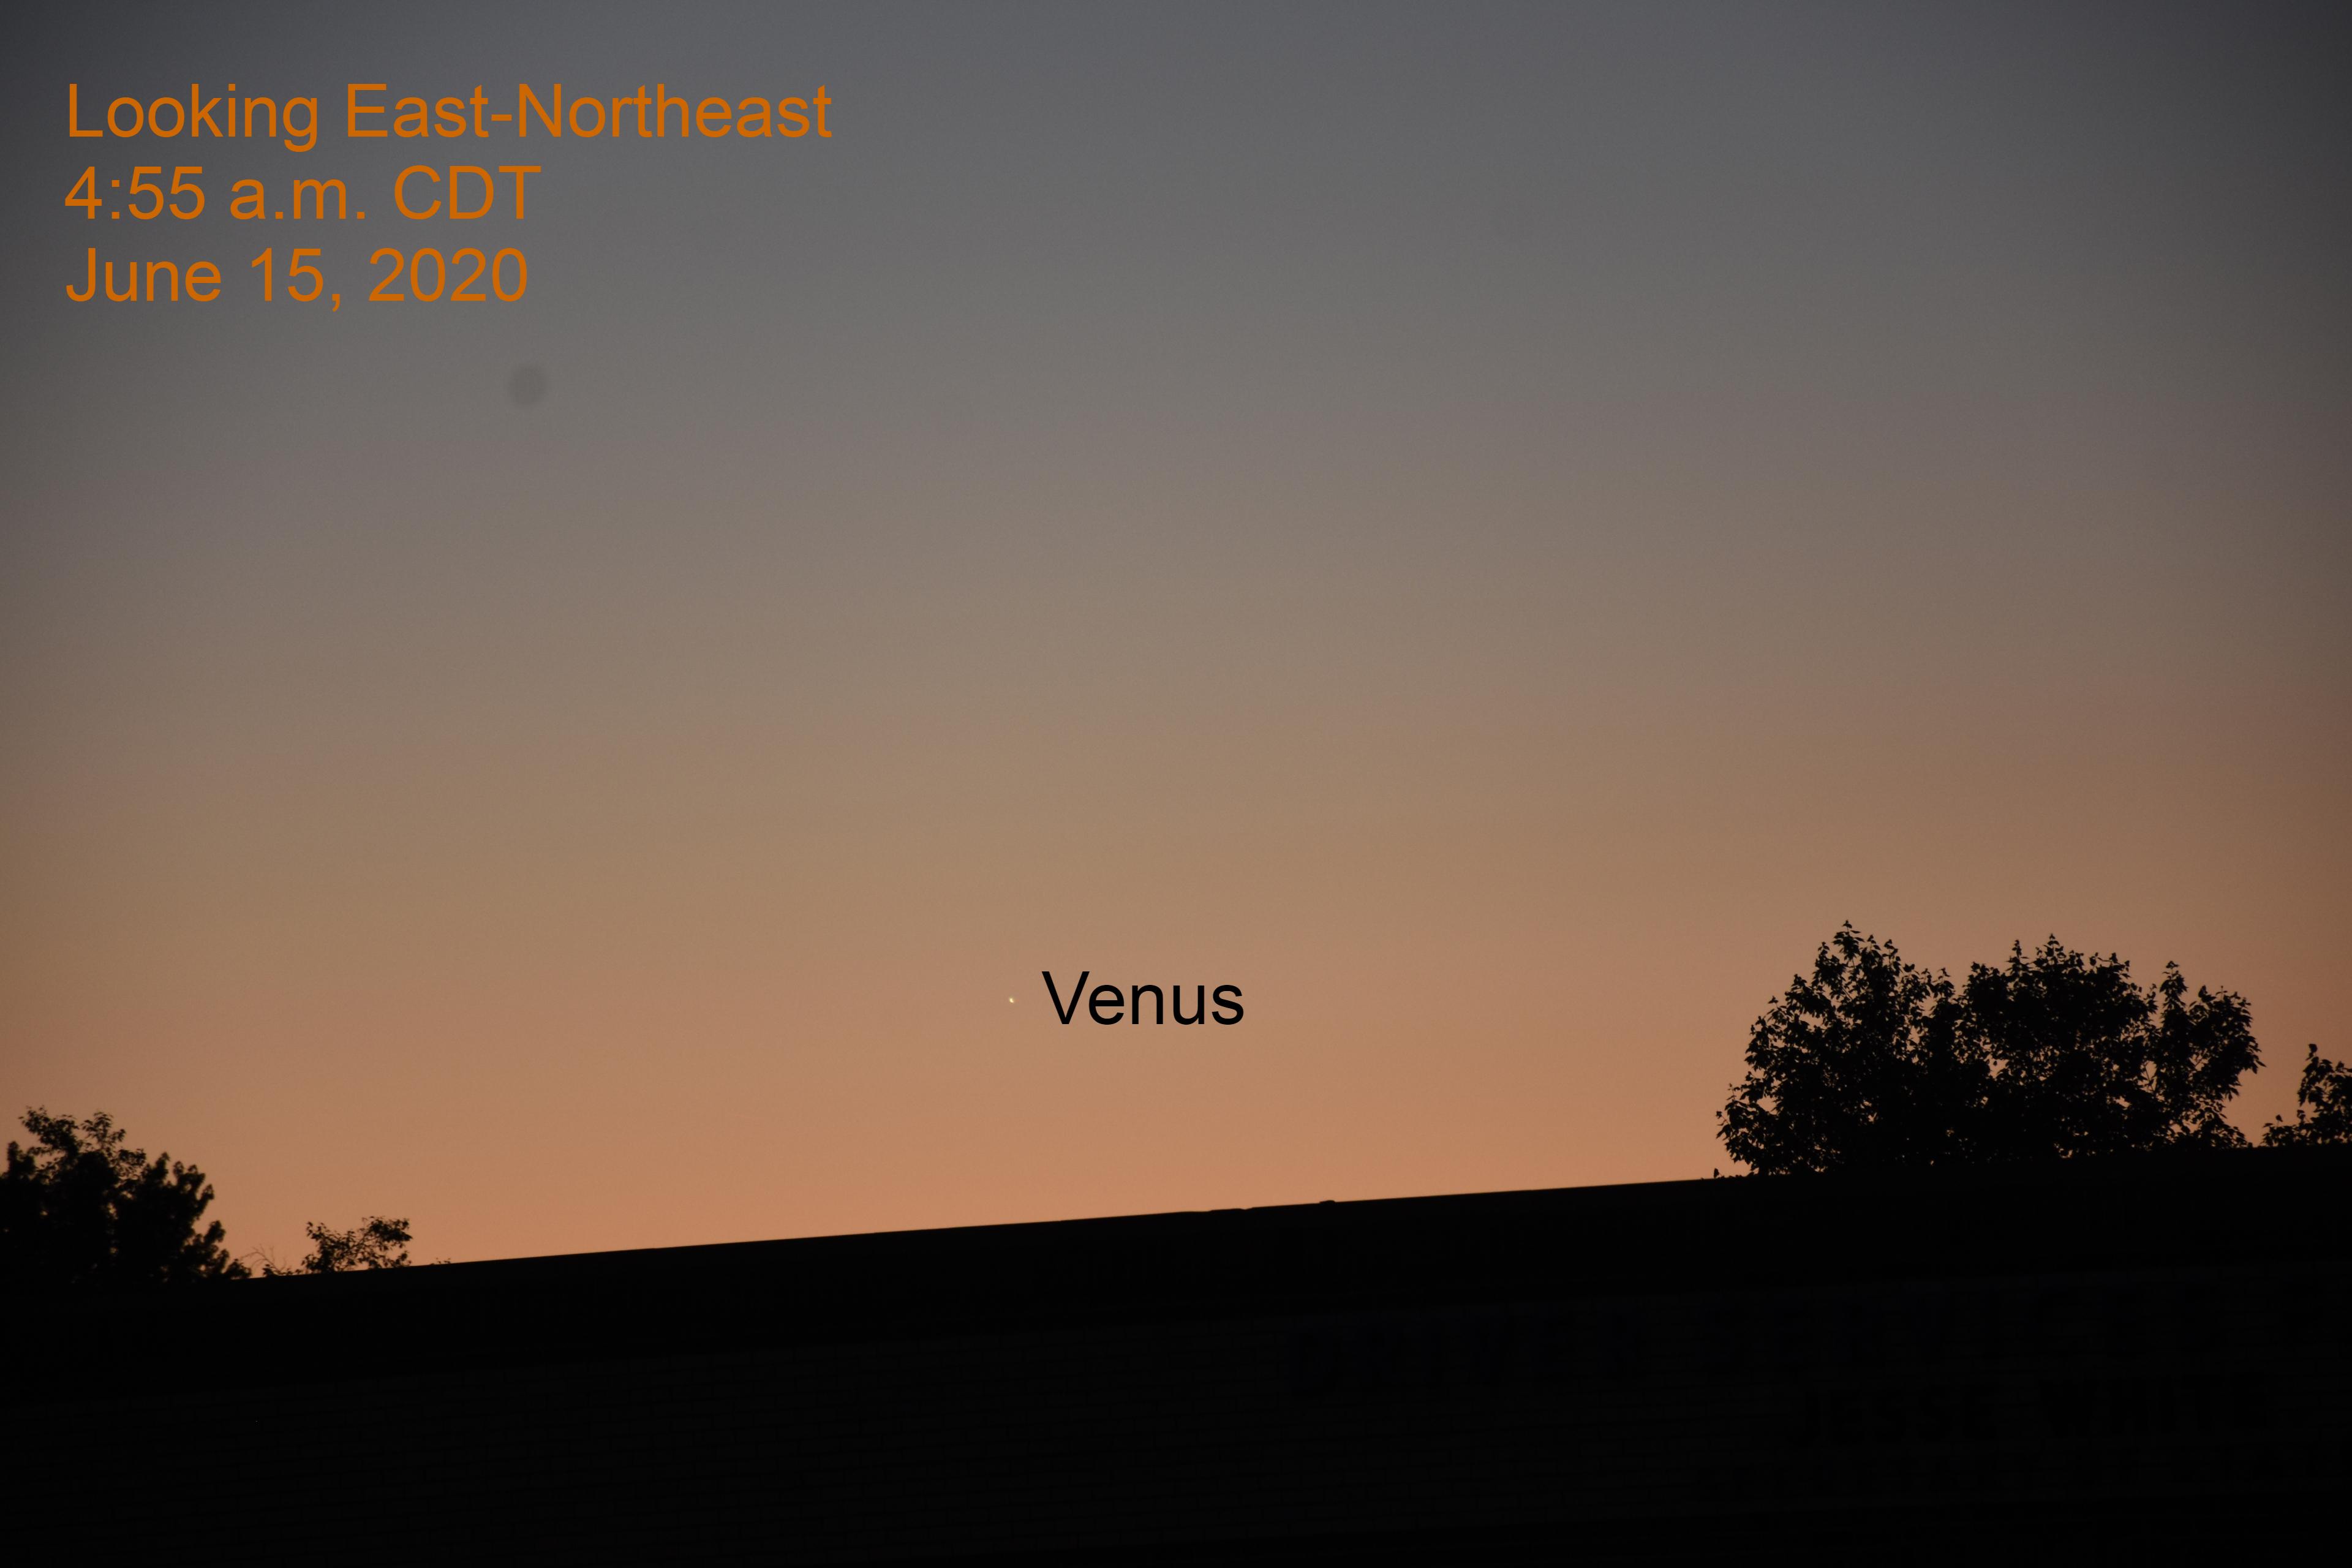 Venus low in the east-northeast, June 15, 2020